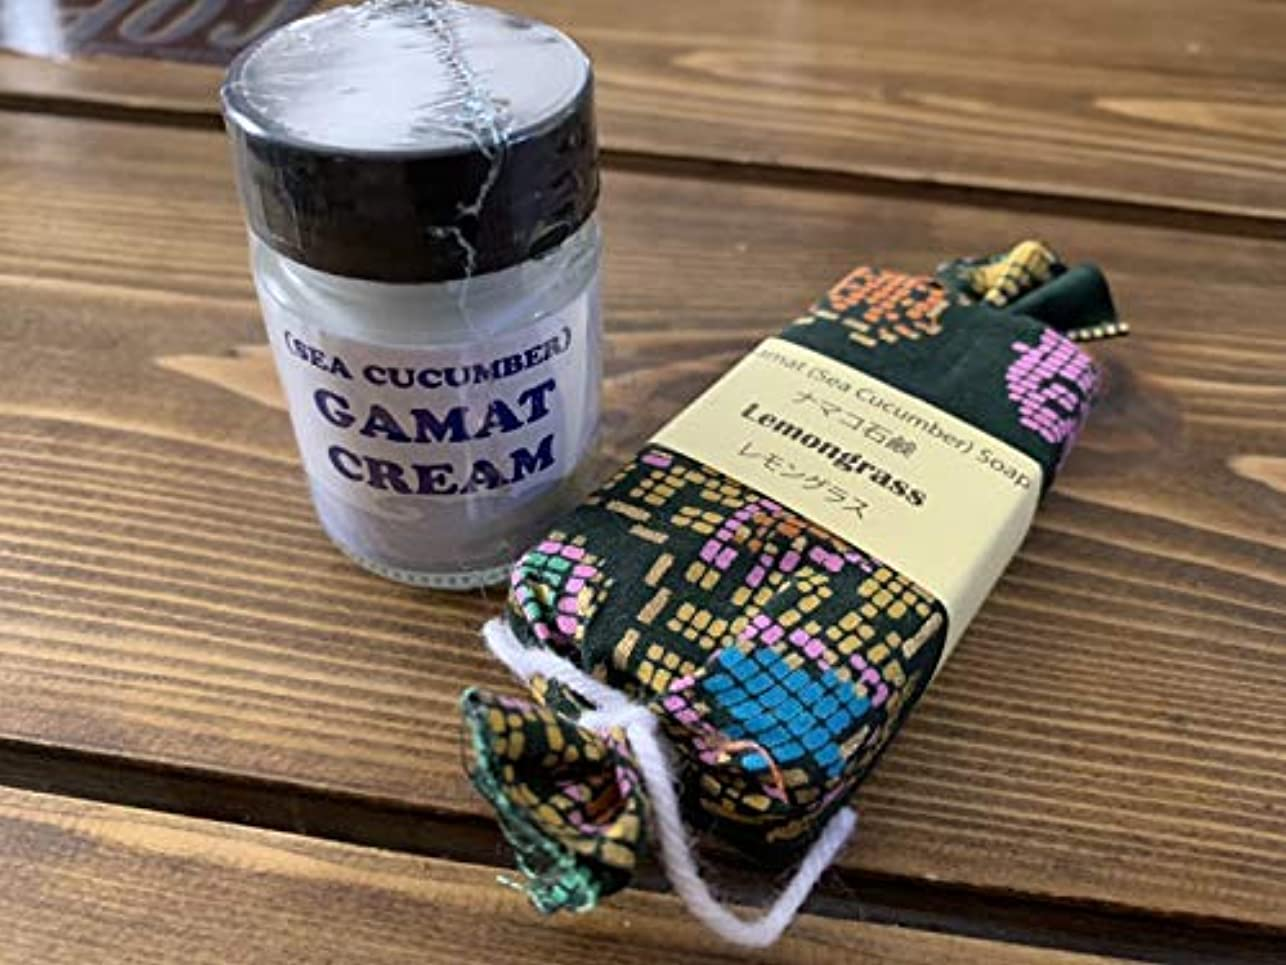 堀先入観偶然なまこ石鹸 (レモングラス)【45g】&なまこクリーム【20g】**お得セット** Gamat(Sea Cucumber) Soap Lemongrass & Gamat(Sea Cucumber) Cream Set...